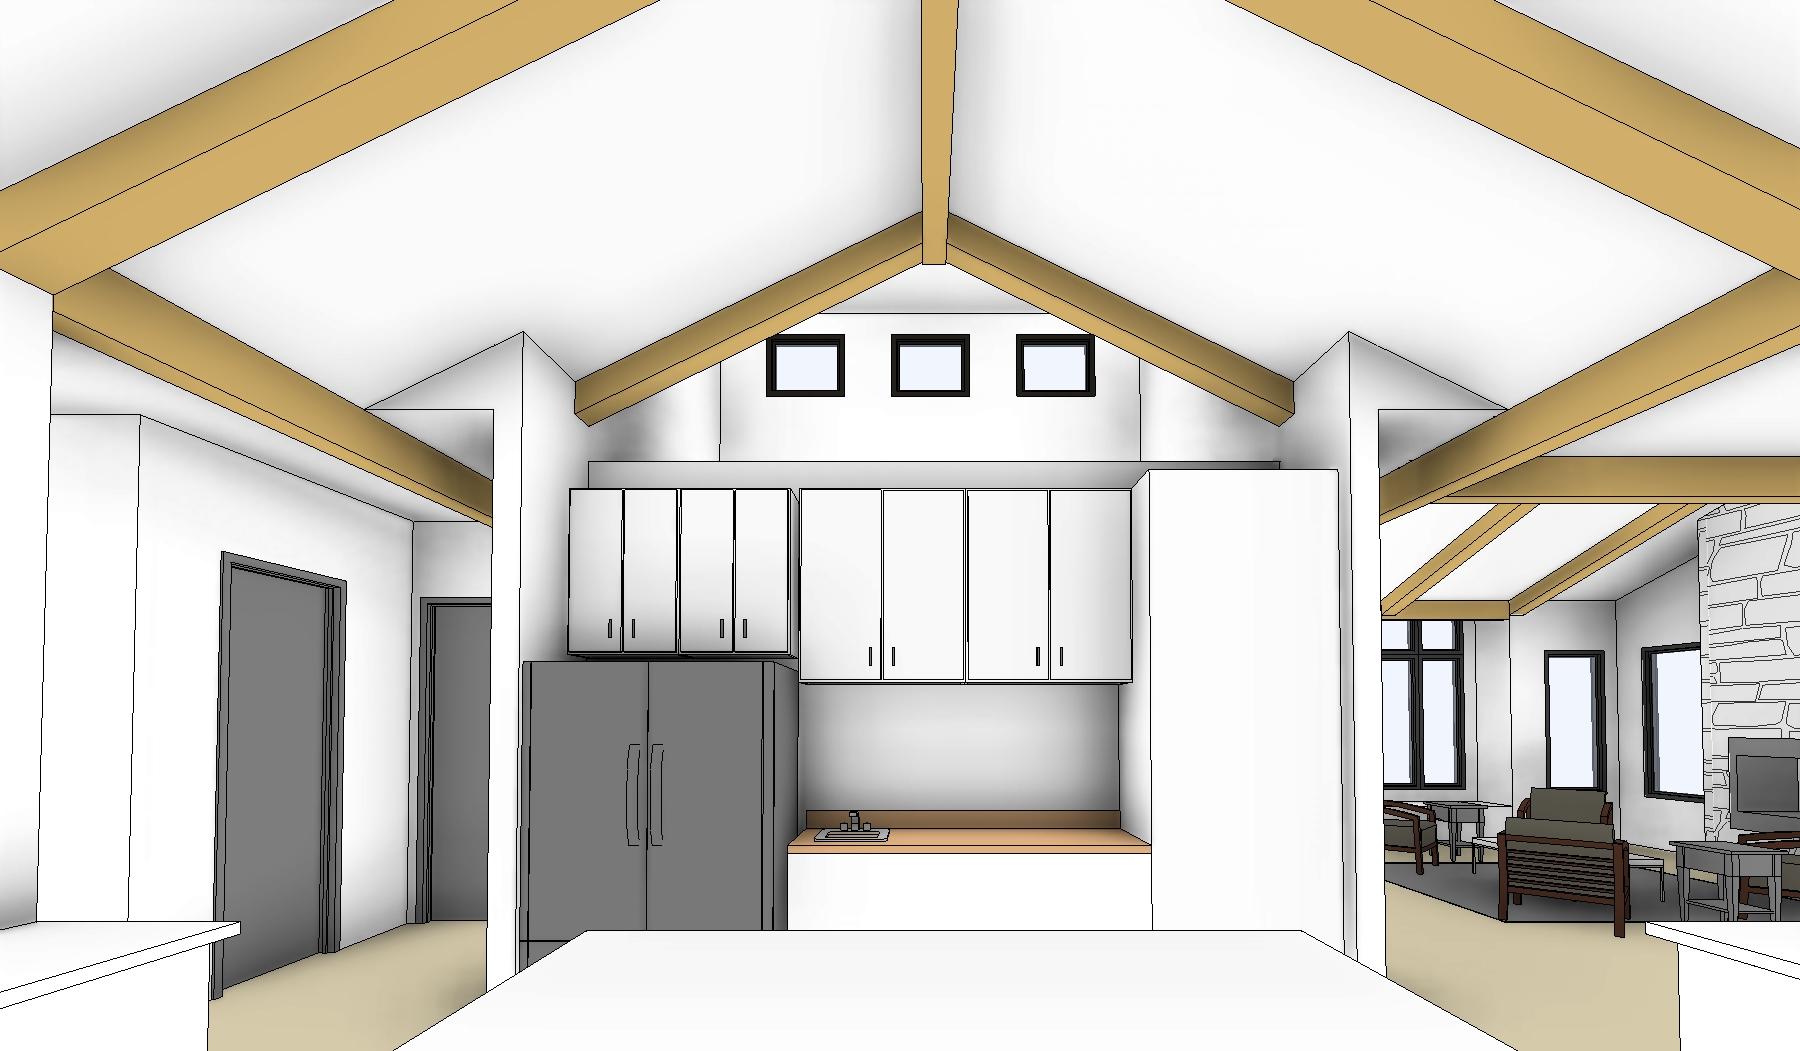 Vander Meer-Quinn Residence - 3D View - KITCHEN - DORMER.jpg